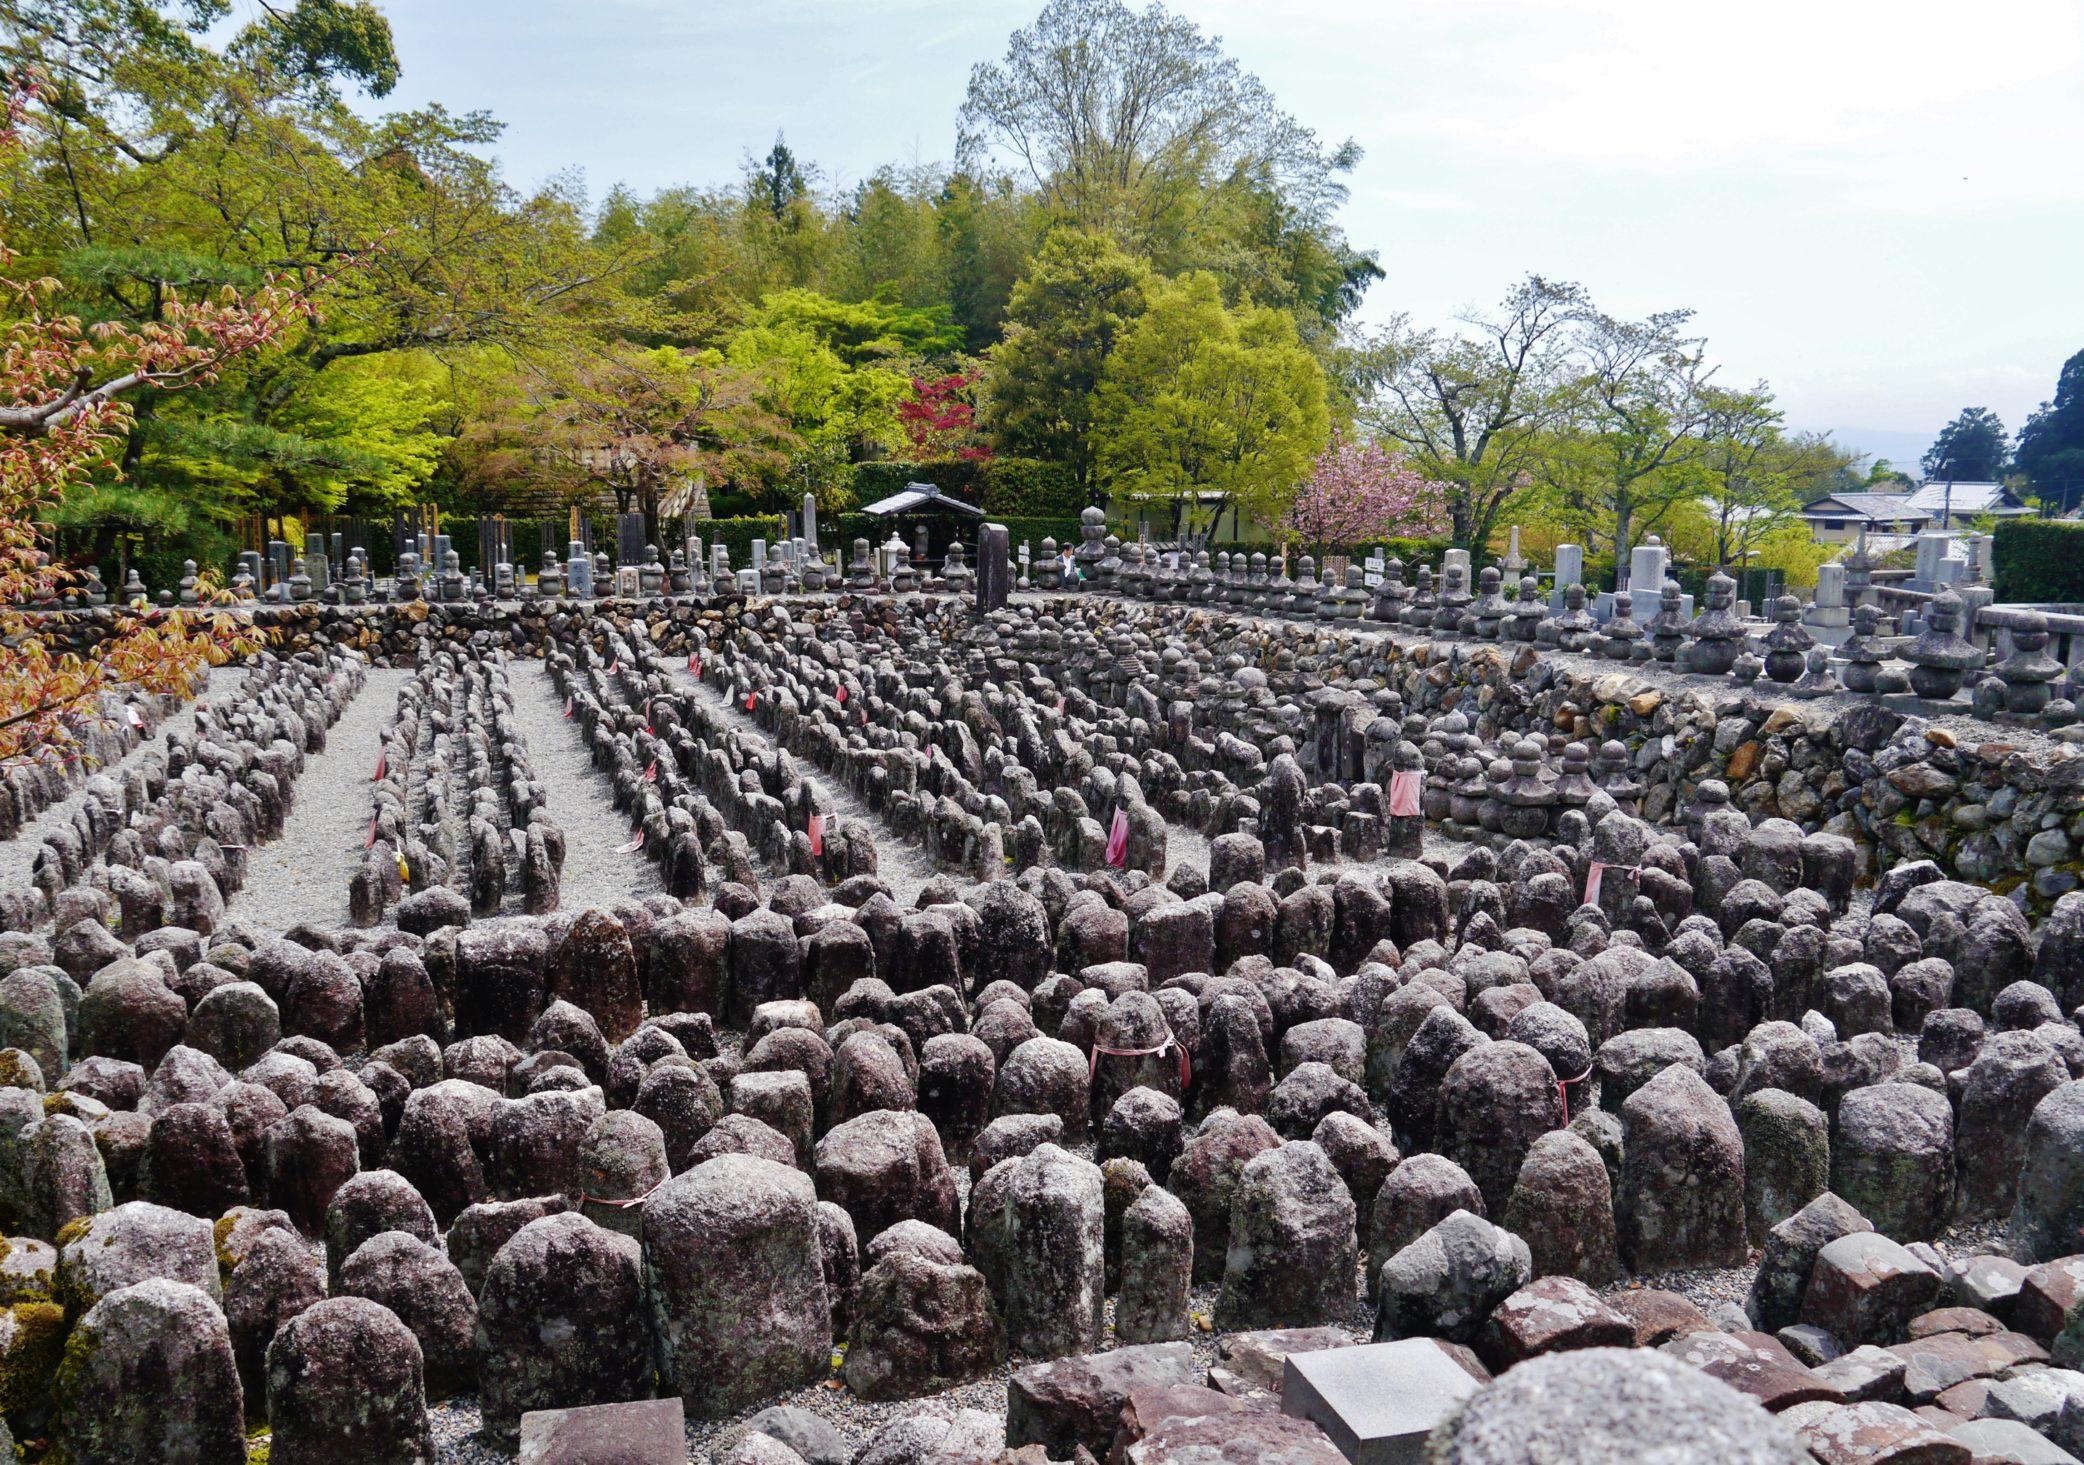 מקדש אדאשינונמבוצוג'י – אראשיאמה – Adashino-Nembutsu-ji Temple